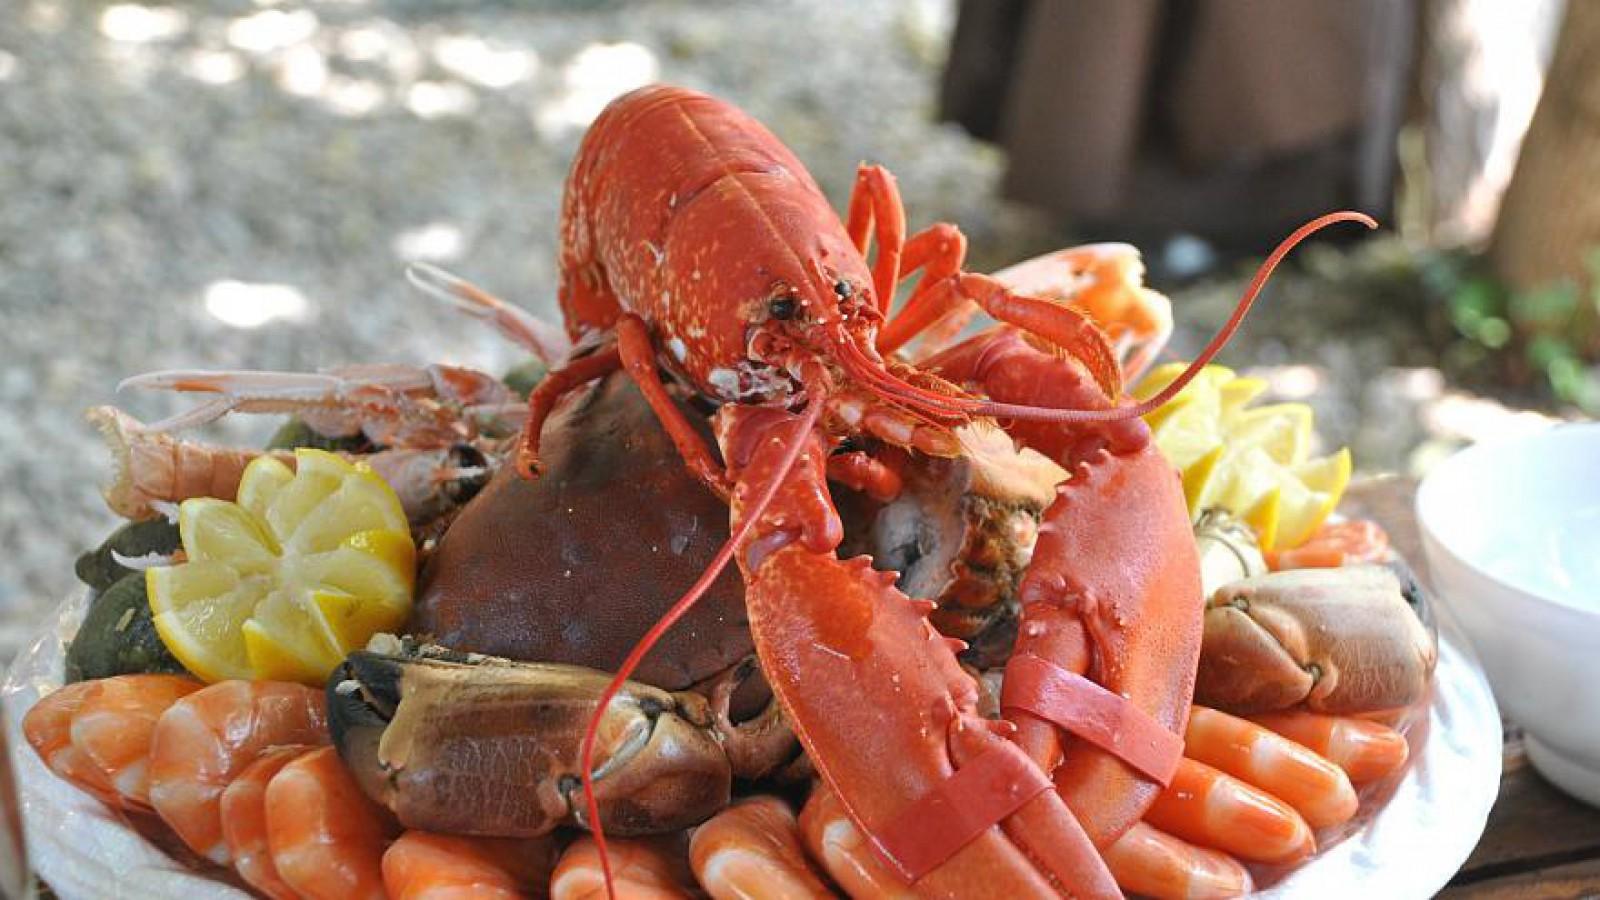 Legi pentru protecția animalelor: Elveția va interzice fierberea lobsterilor de vii